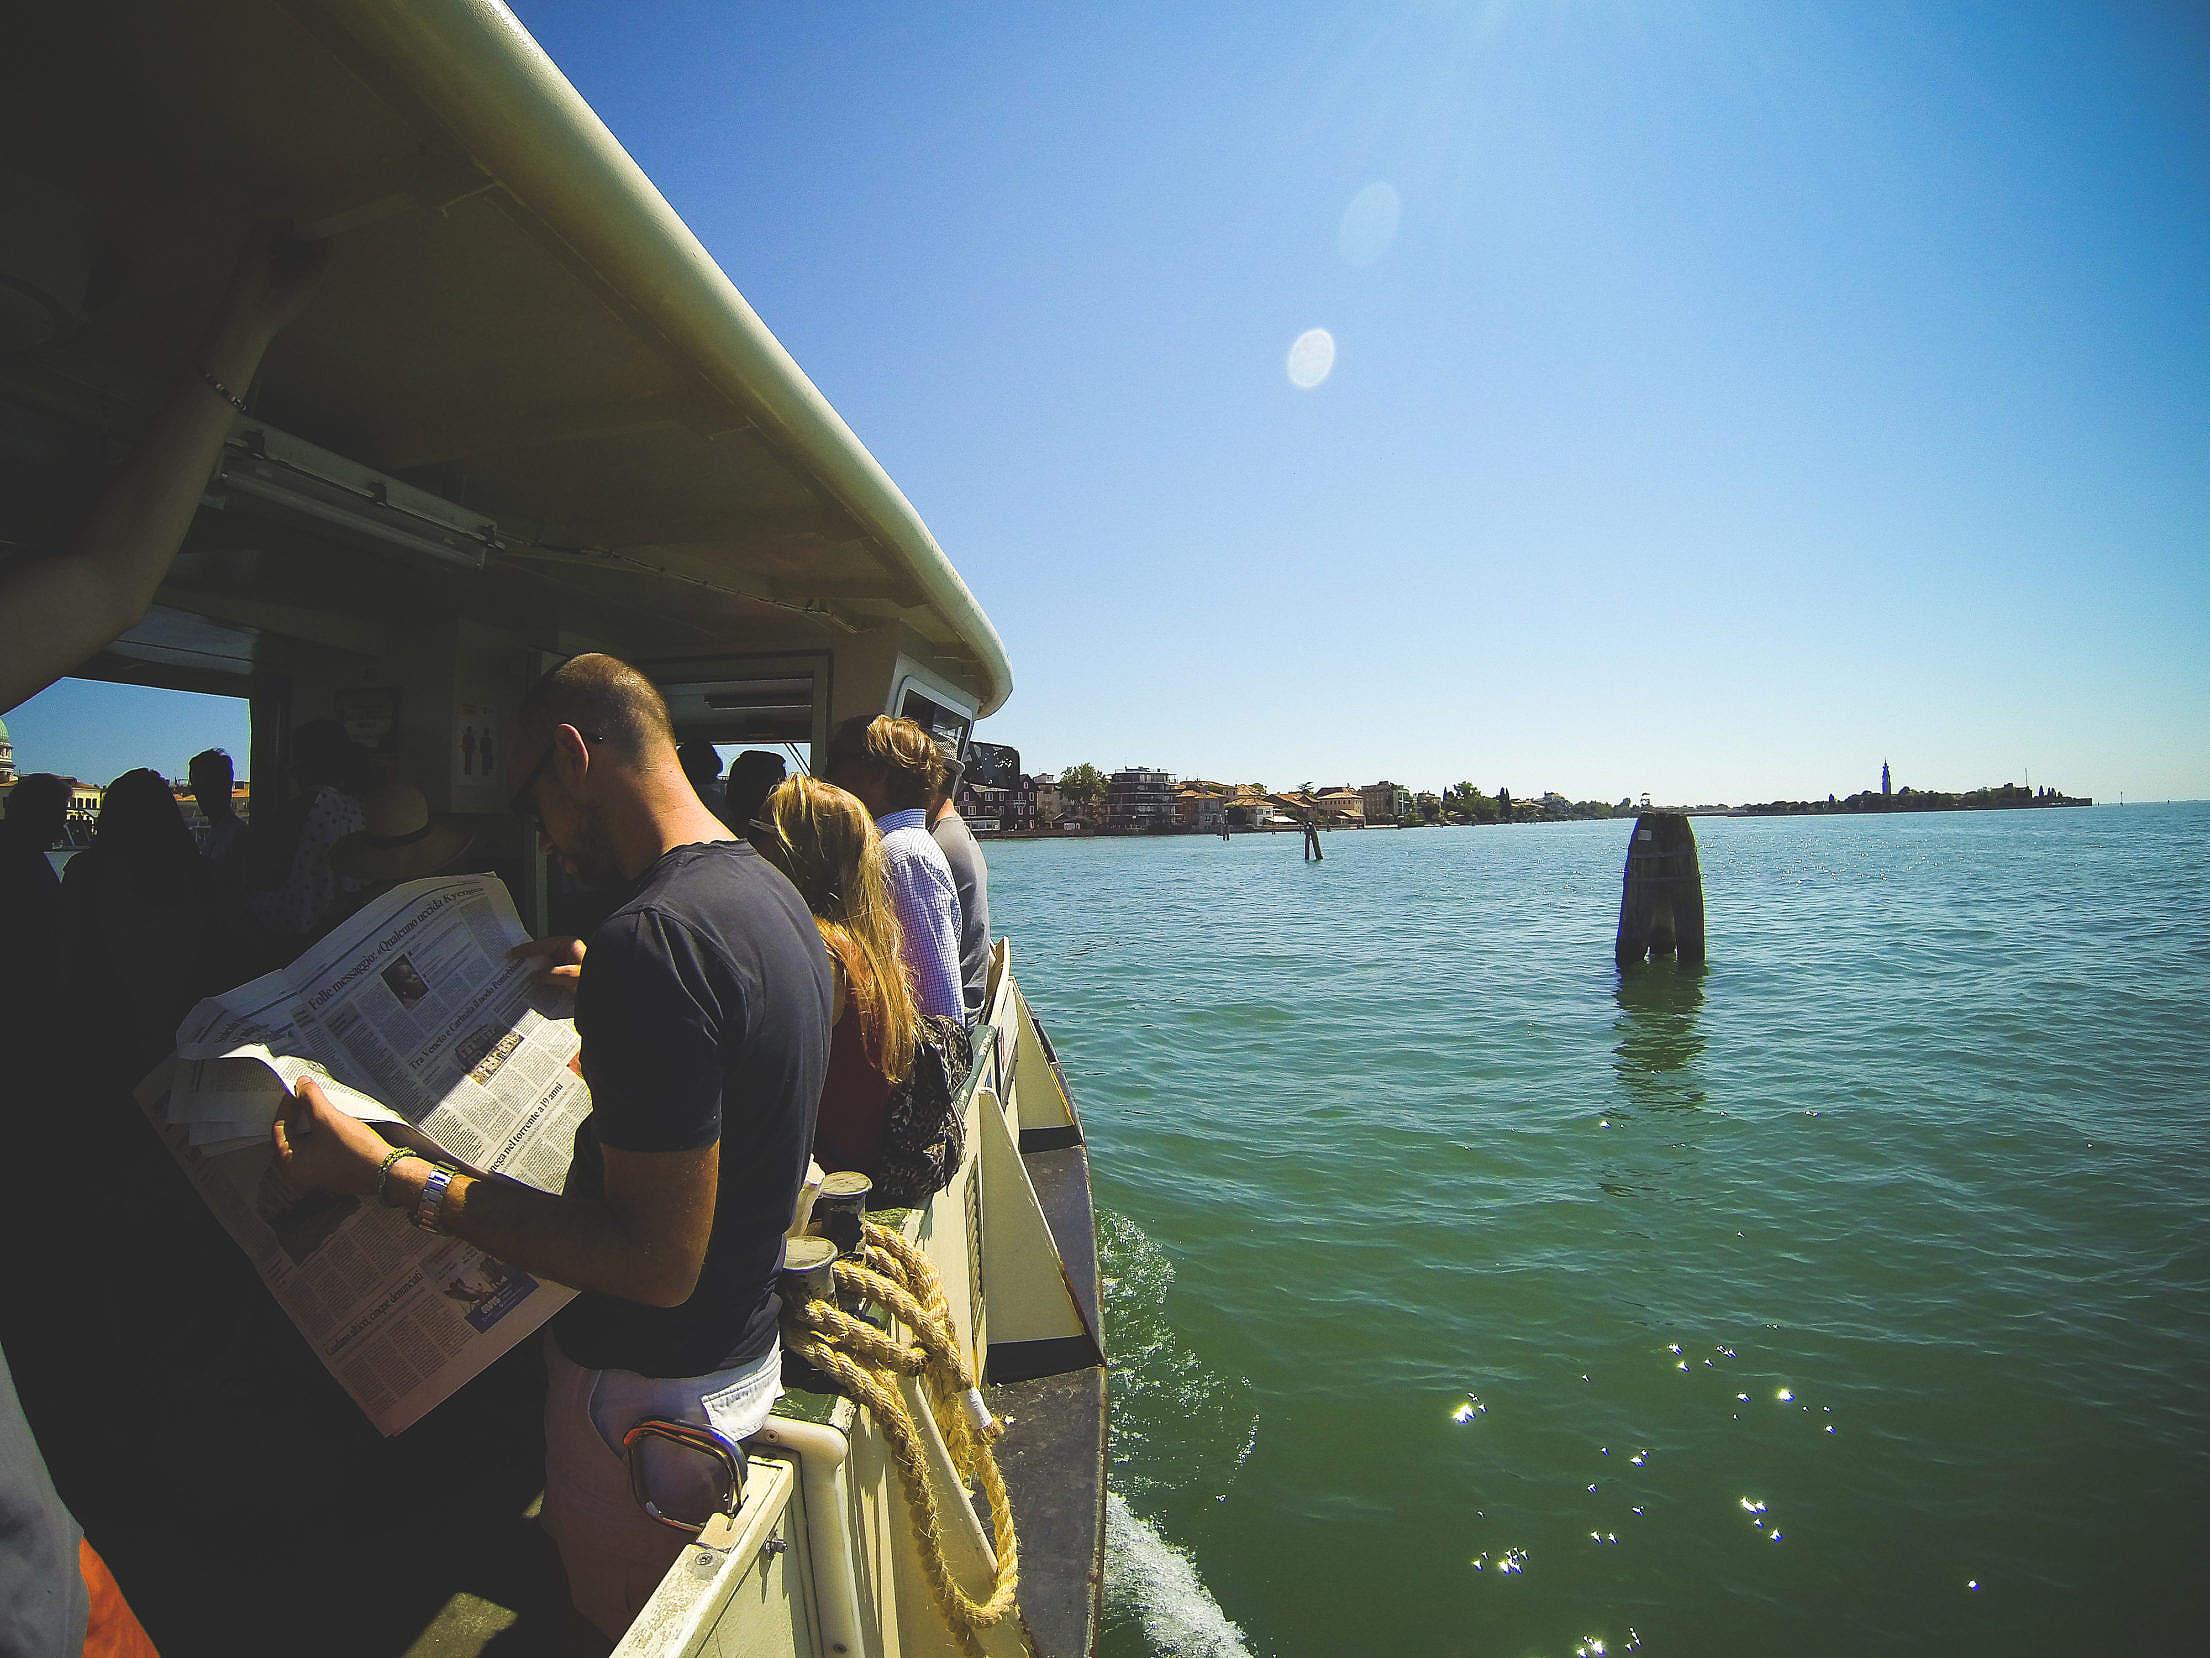 Vaporetto Sail From Venice To Lido, Italy Free Stock Photo